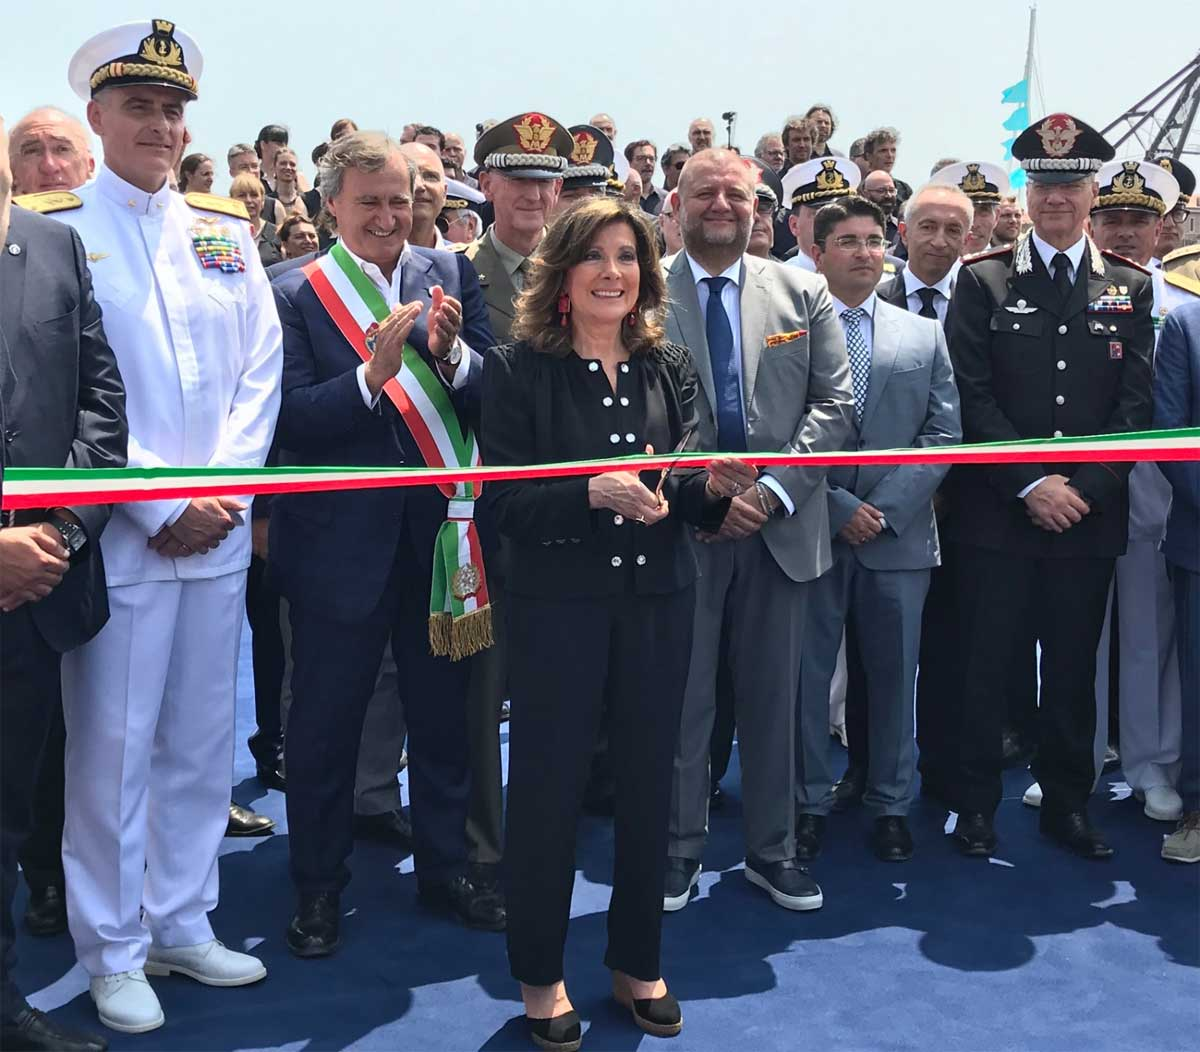 cerimonia di apertura con la presenza del presidente del Senato Maria Elisabetta Alberti Casellati e il Sindaco di Venezia Luigi Brugnaro